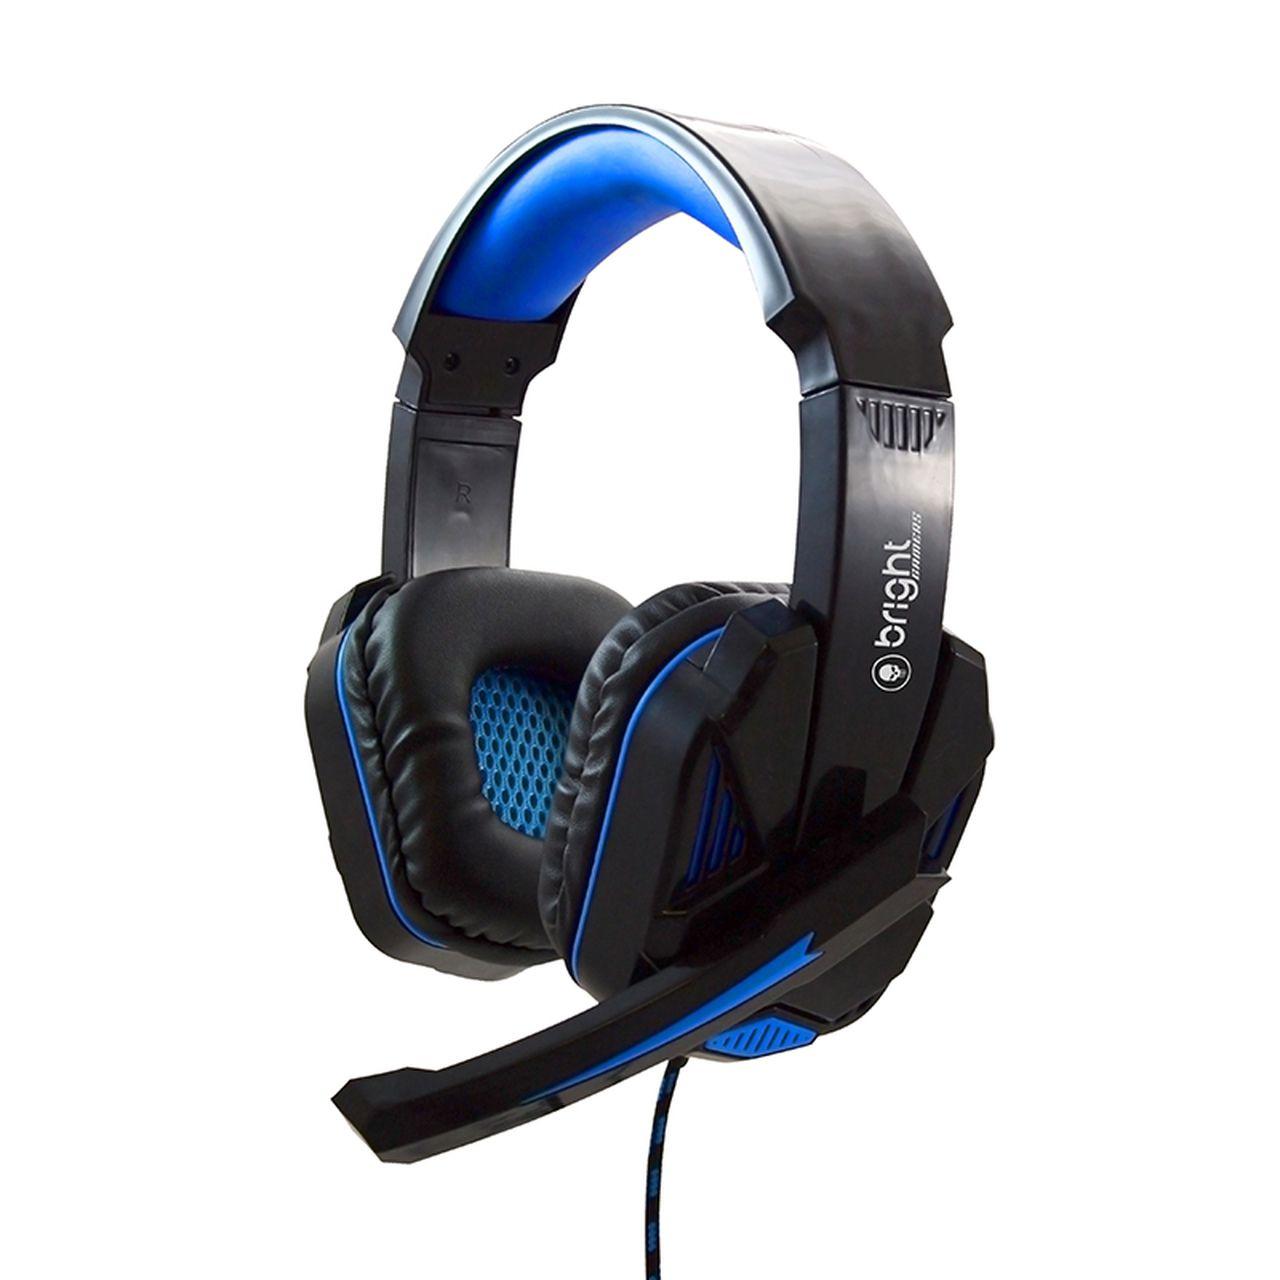 Fone de Ouvido Headset Gamer controle volume e haste regulável Azul 467 - Bright